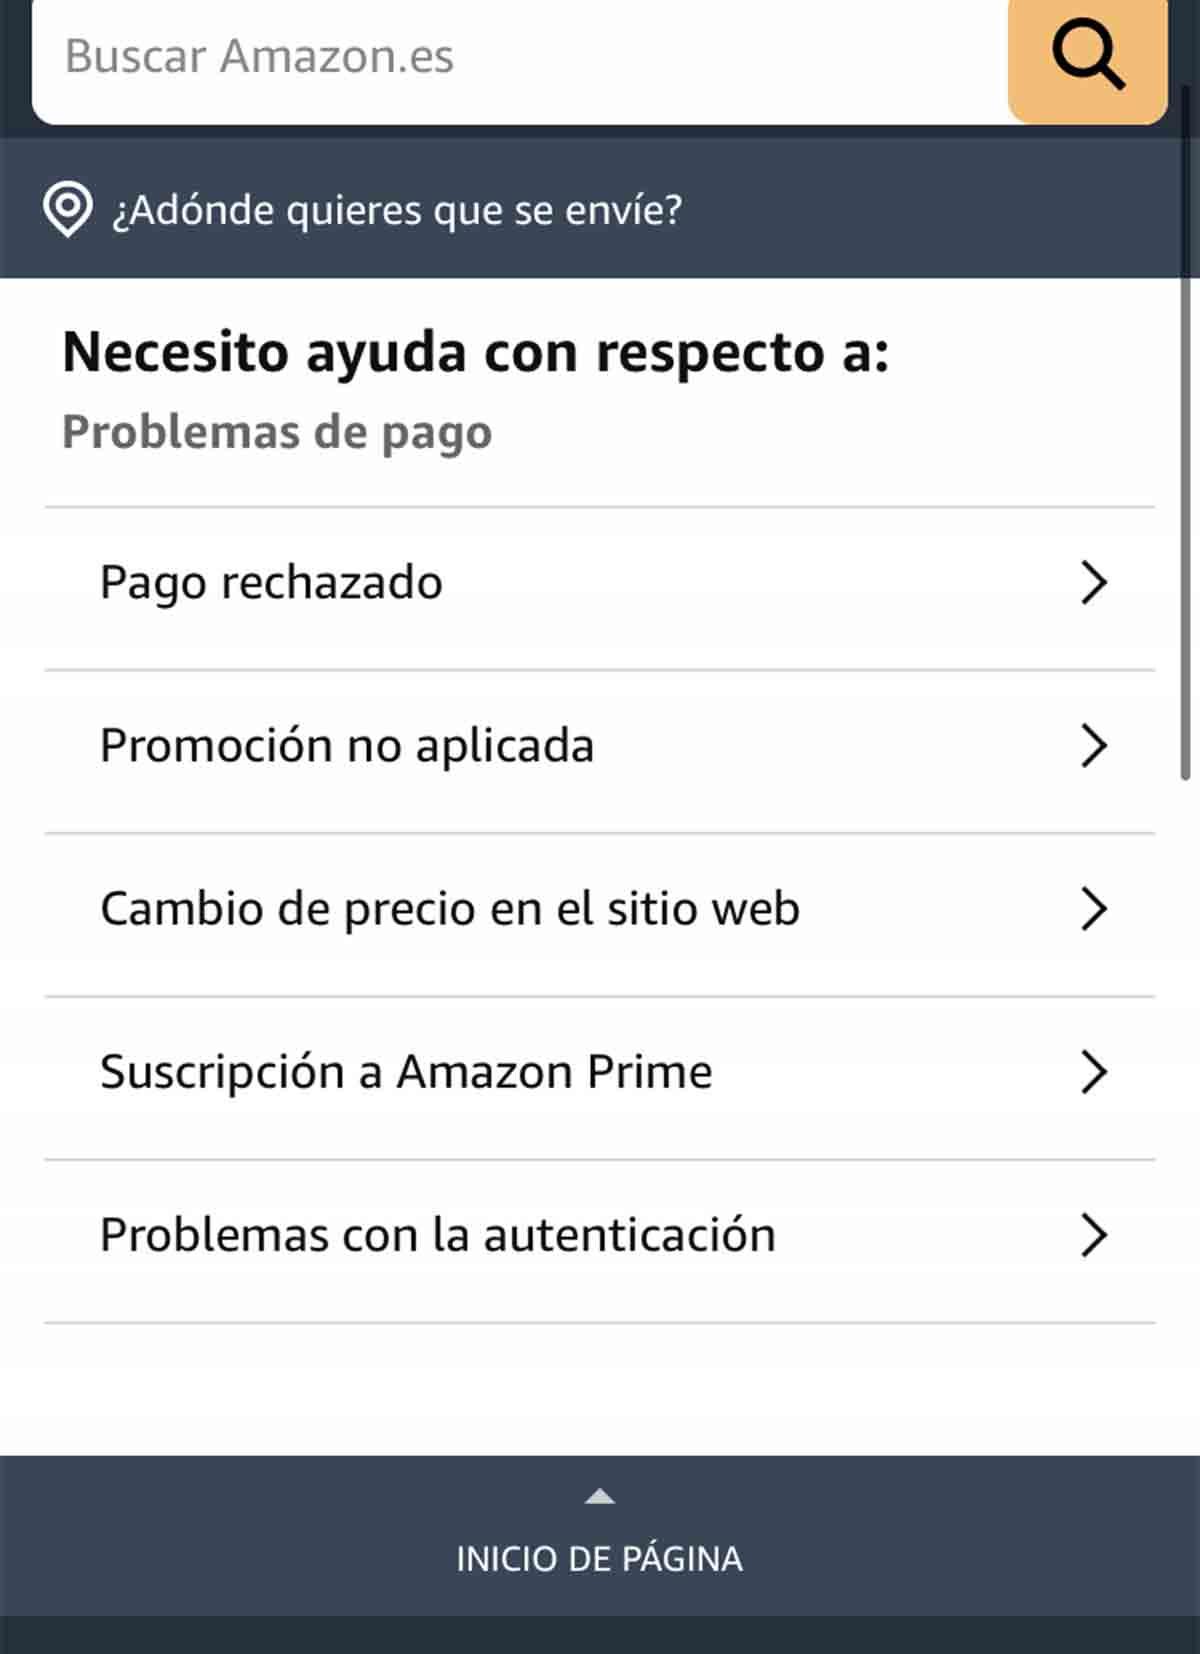 Pago rechazado en Amazon